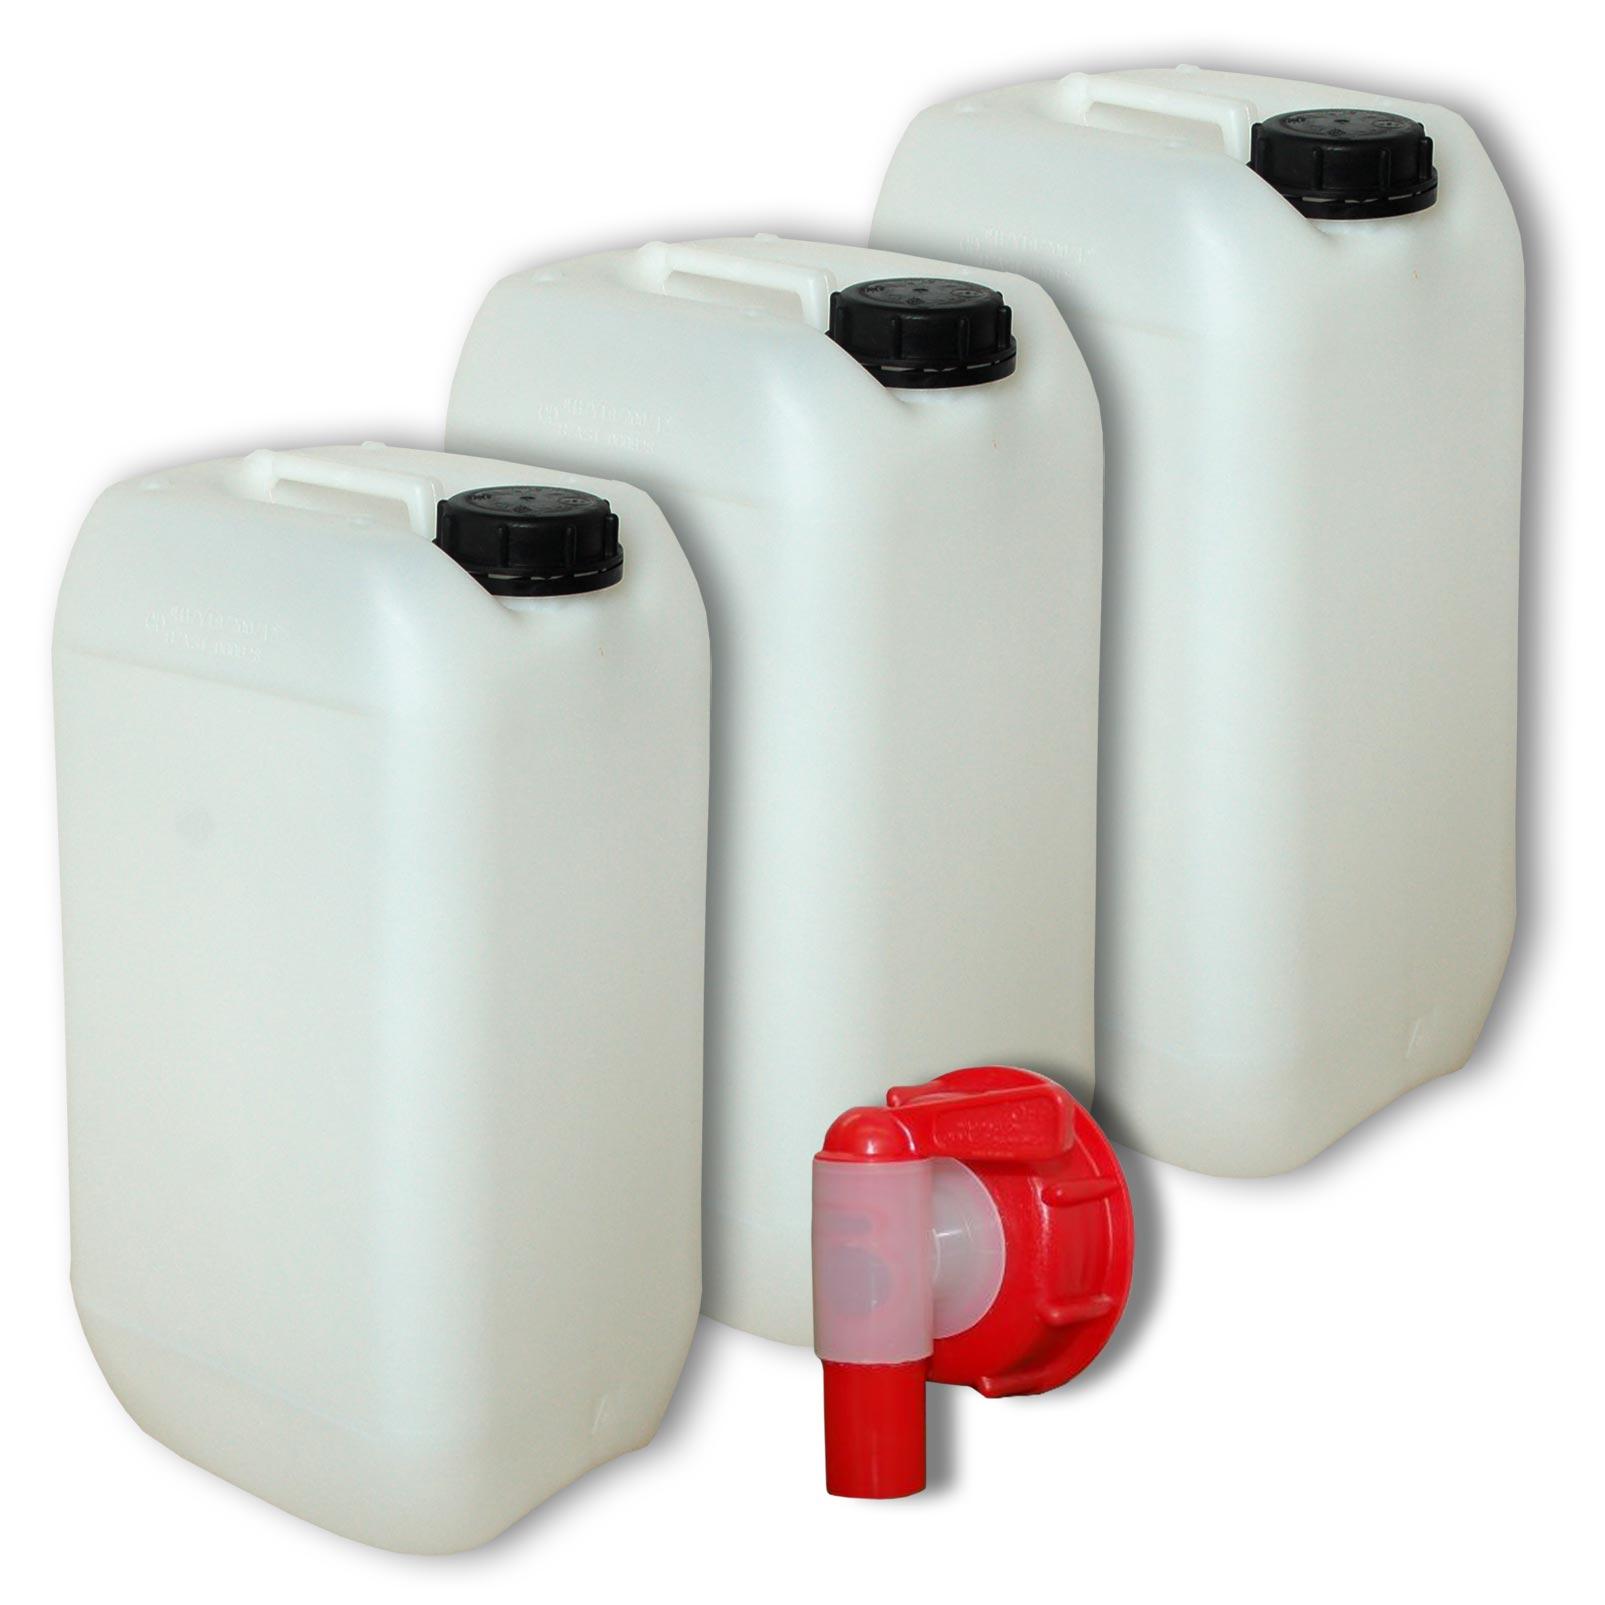 3 x 15 liter kanister mit deckel ein zapfhahn trinkwasser 3x22096 1x22010 ebay. Black Bedroom Furniture Sets. Home Design Ideas